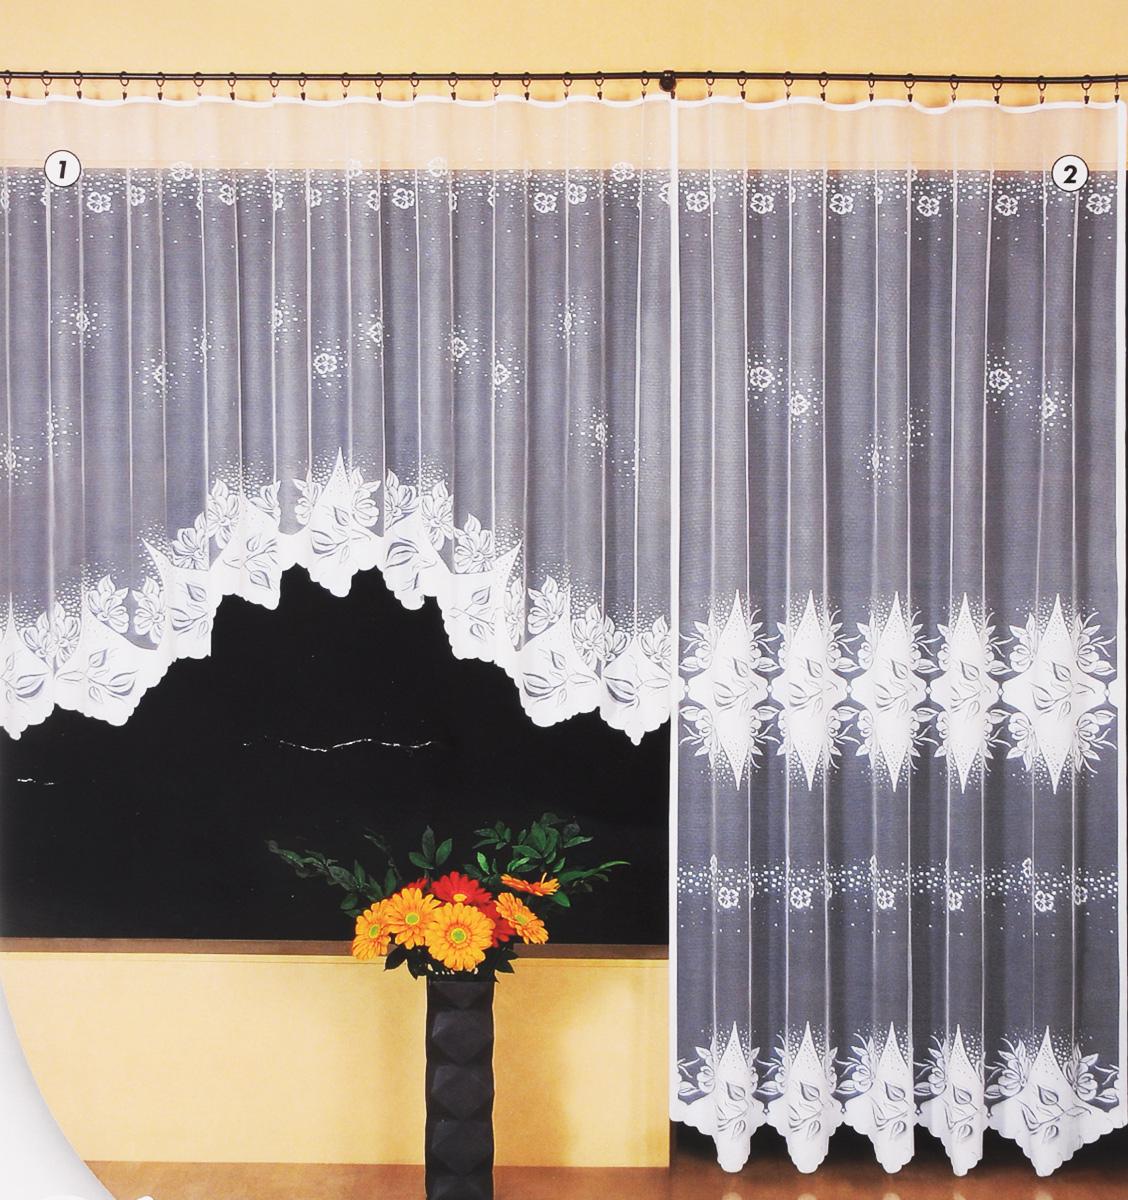 Гардина Wisan Katarzyna, цвет: белый, высота 250 см. 9482SVC-300Гардина Wisan Katarzyna, изготовленная из полиэстера, станет великолепным украшением любого окна. Изделие, оформленное цветочным рисунком, привлечет к себе внимание и органично впишется в интерьер комнаты. Оригинальное оформление гардины внесет разнообразие и подарит заряд положительного настроения.Гардина крепится при помощи зажимов для штор (не входят в комплект).